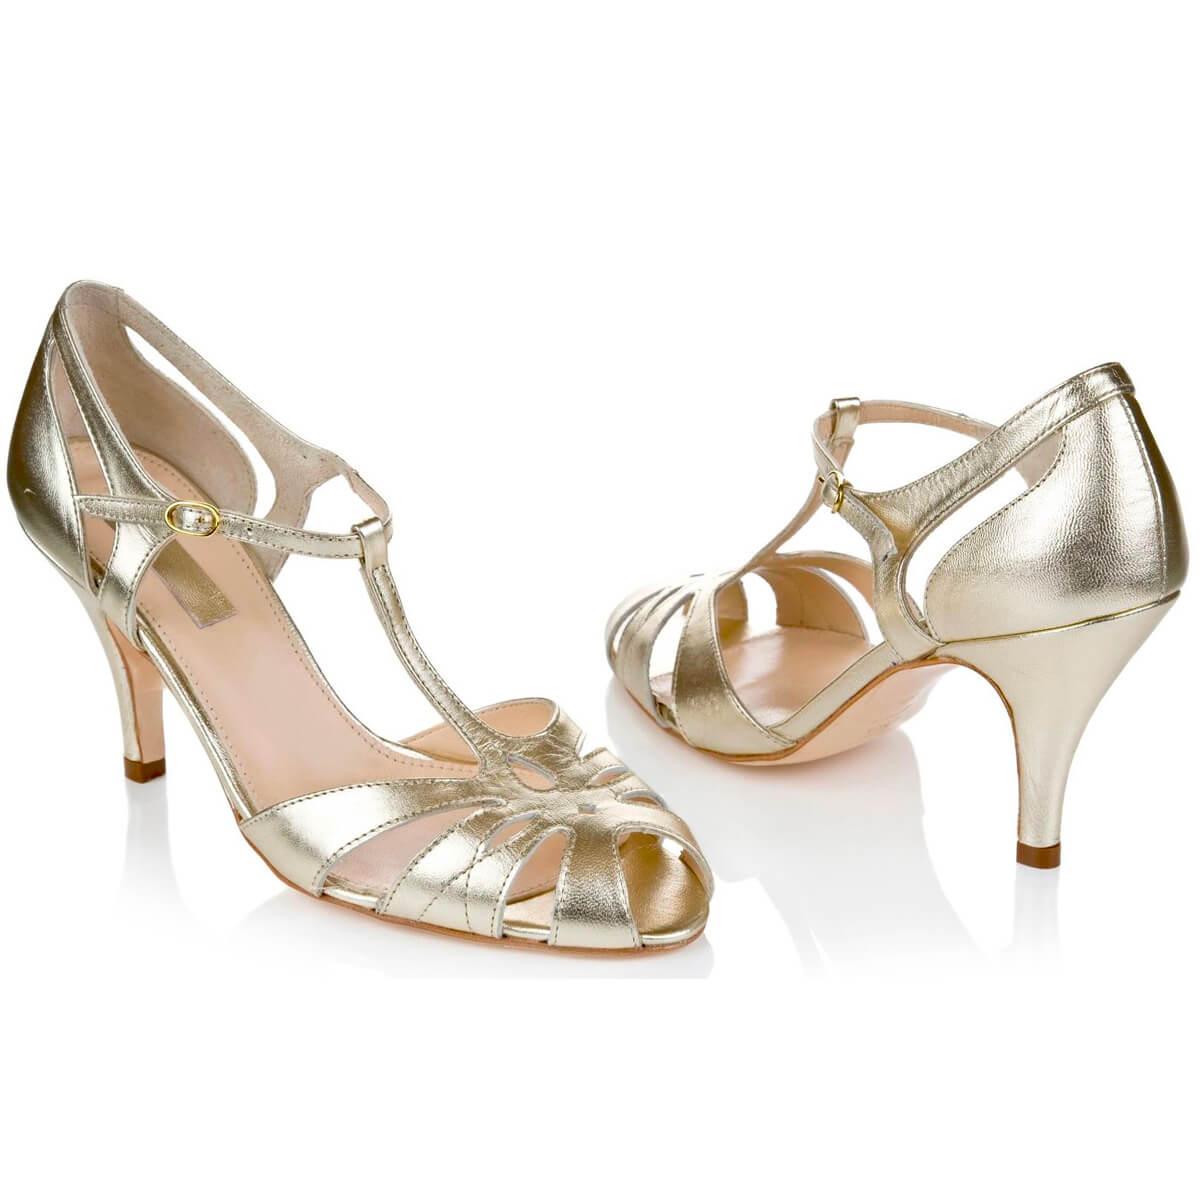 glünzende helle Schuhe für Hochzeitskleid kaufen München